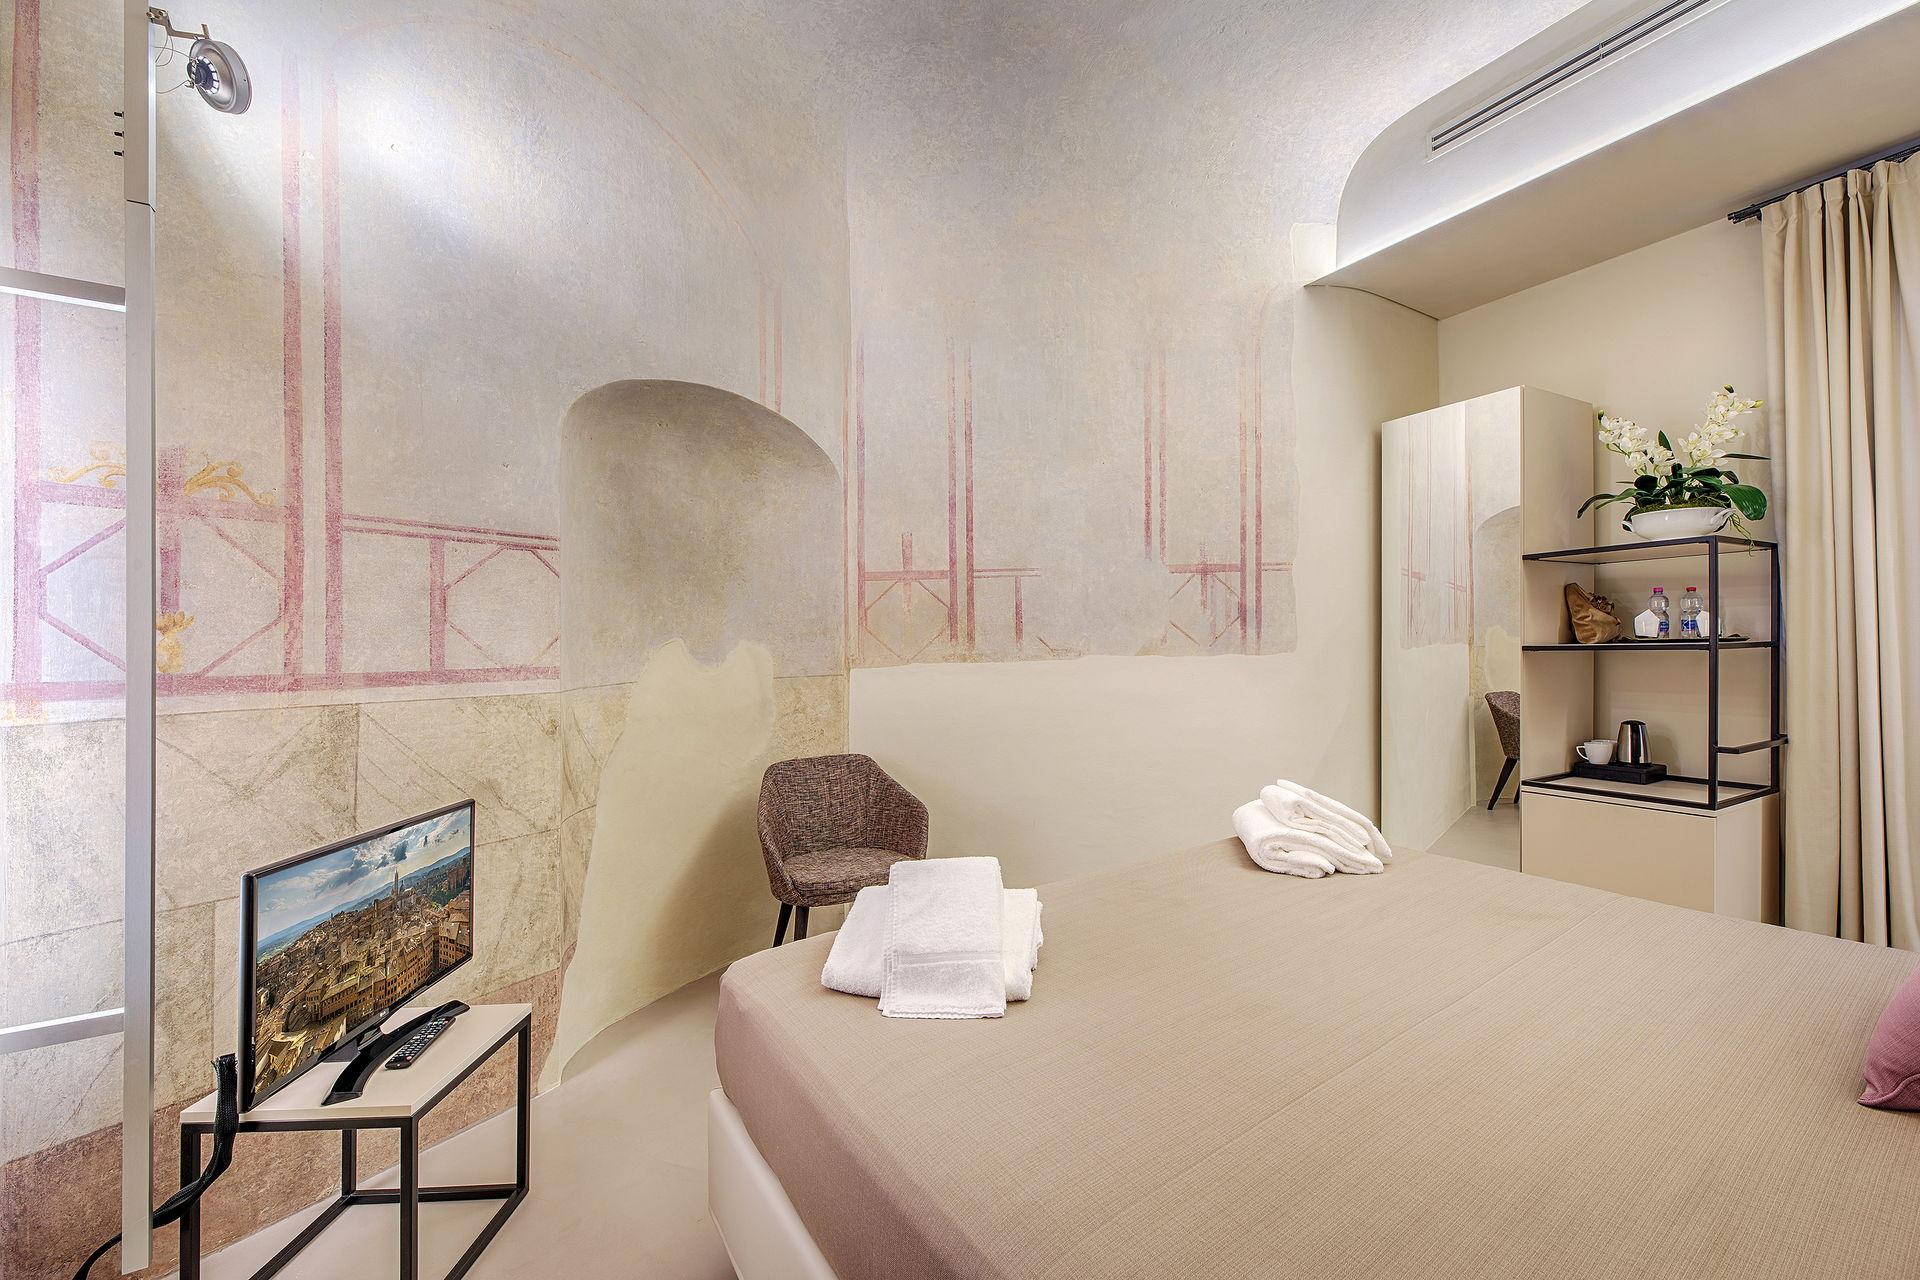 Residenza d'epoca Le Aquile - Bed and Breakfast luxury nel centro di Siena - giardino d'inverno 3